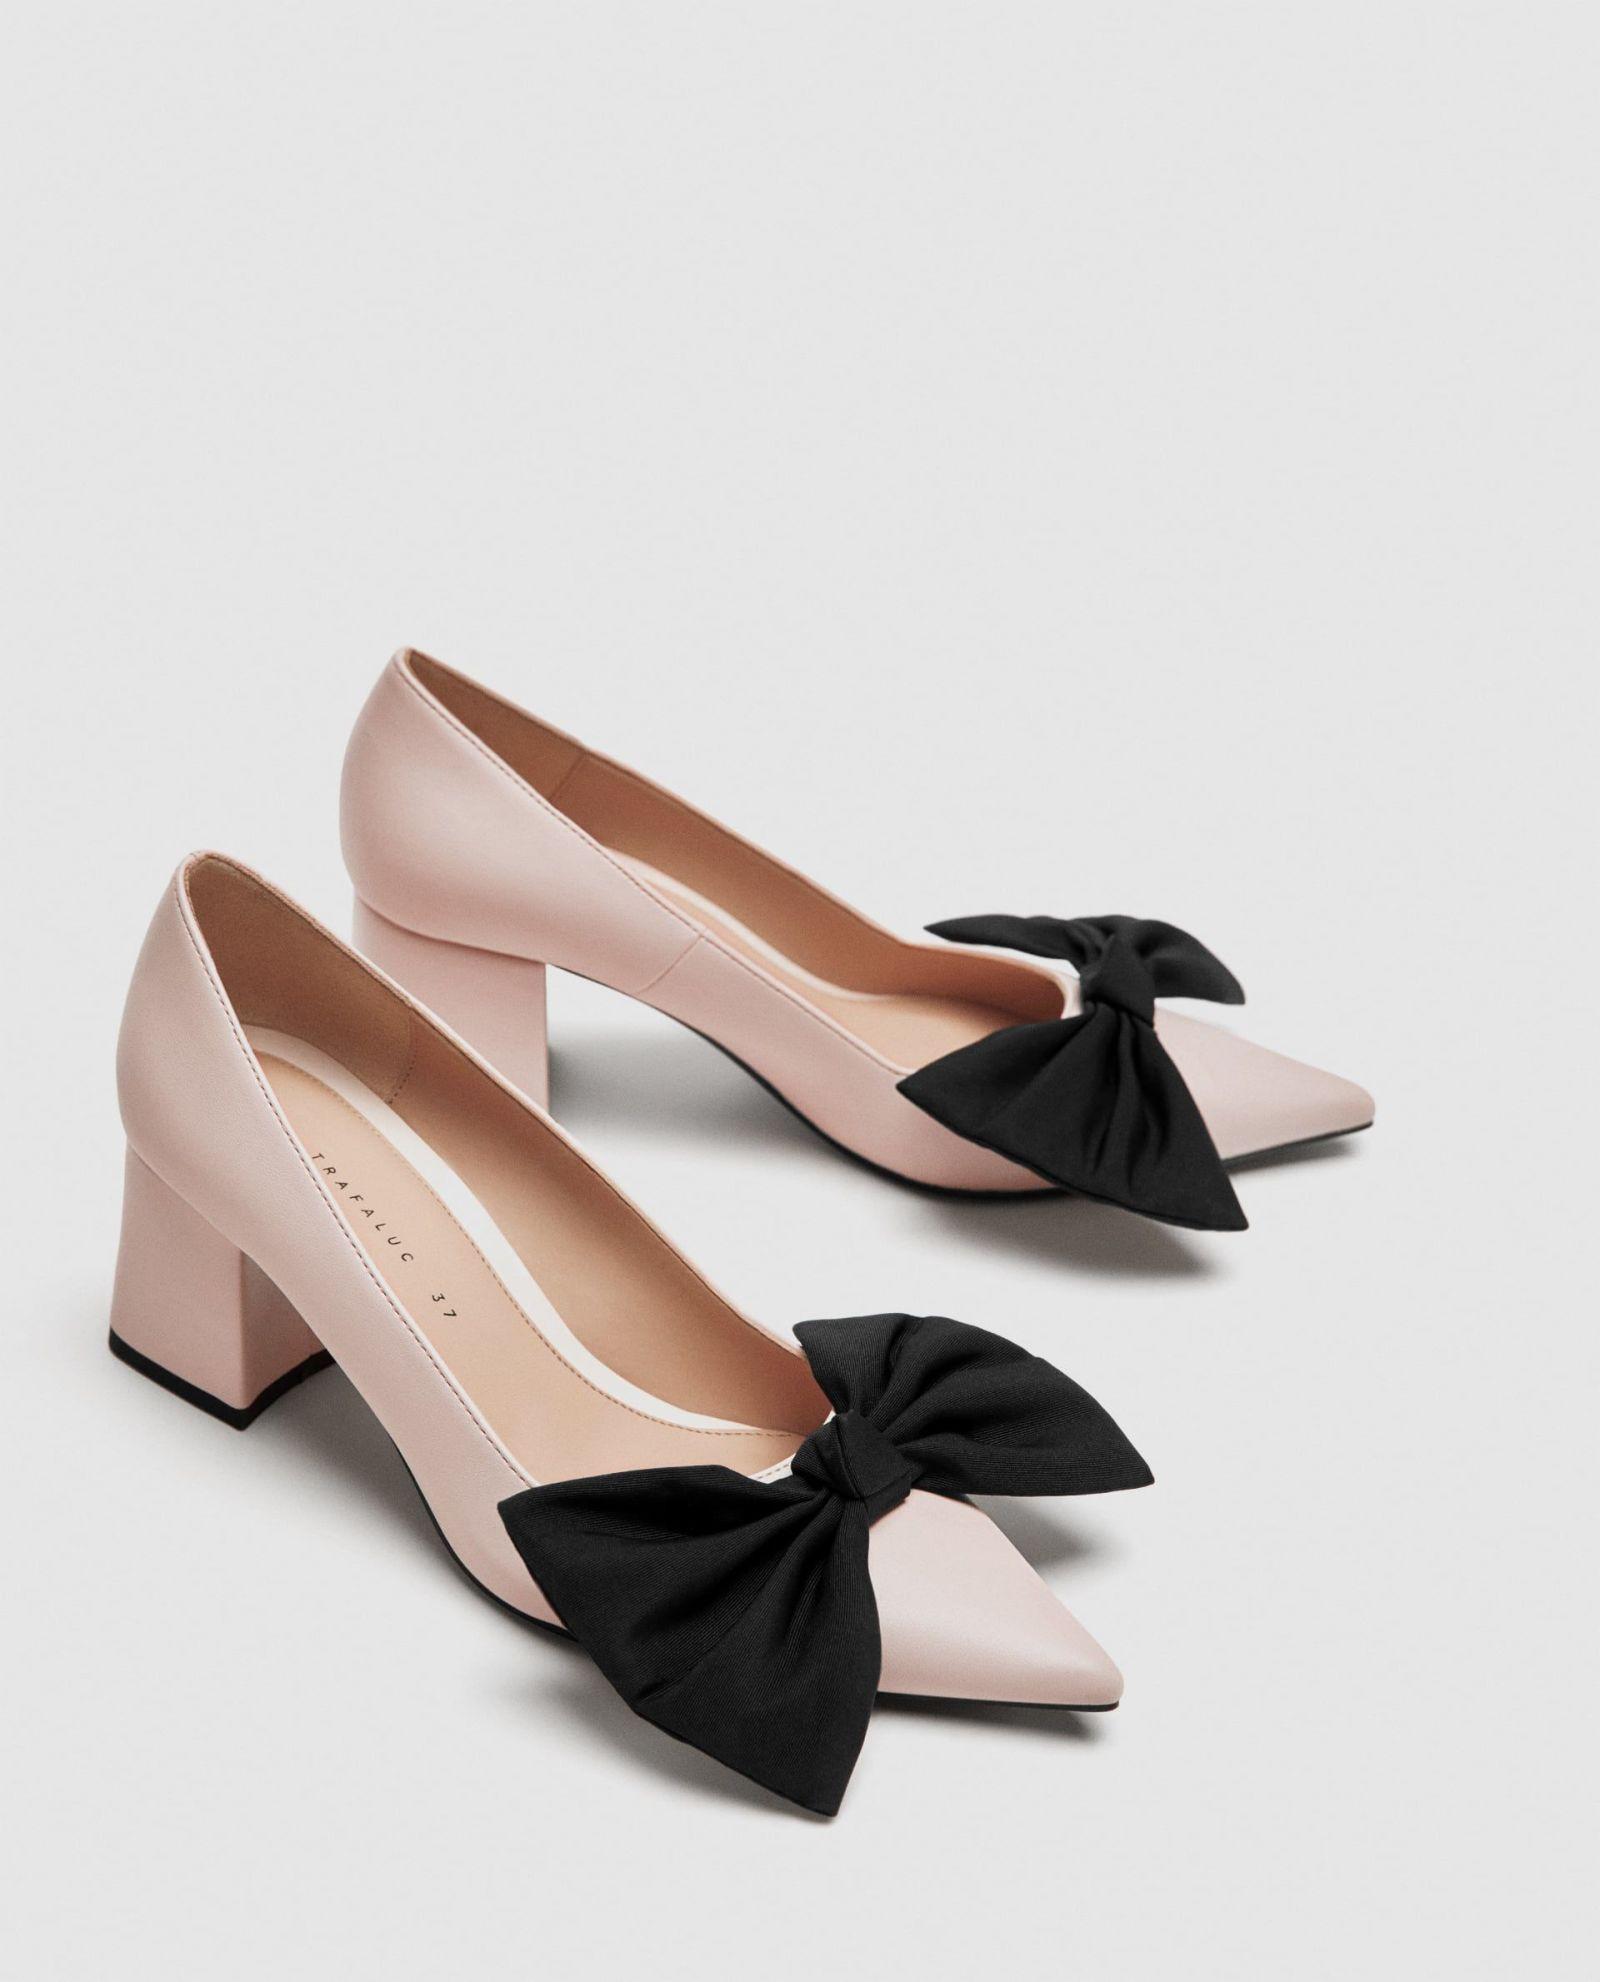 Zapatos De Tacón Zara Negro Destalonado Peep Toe Mujer En Venta